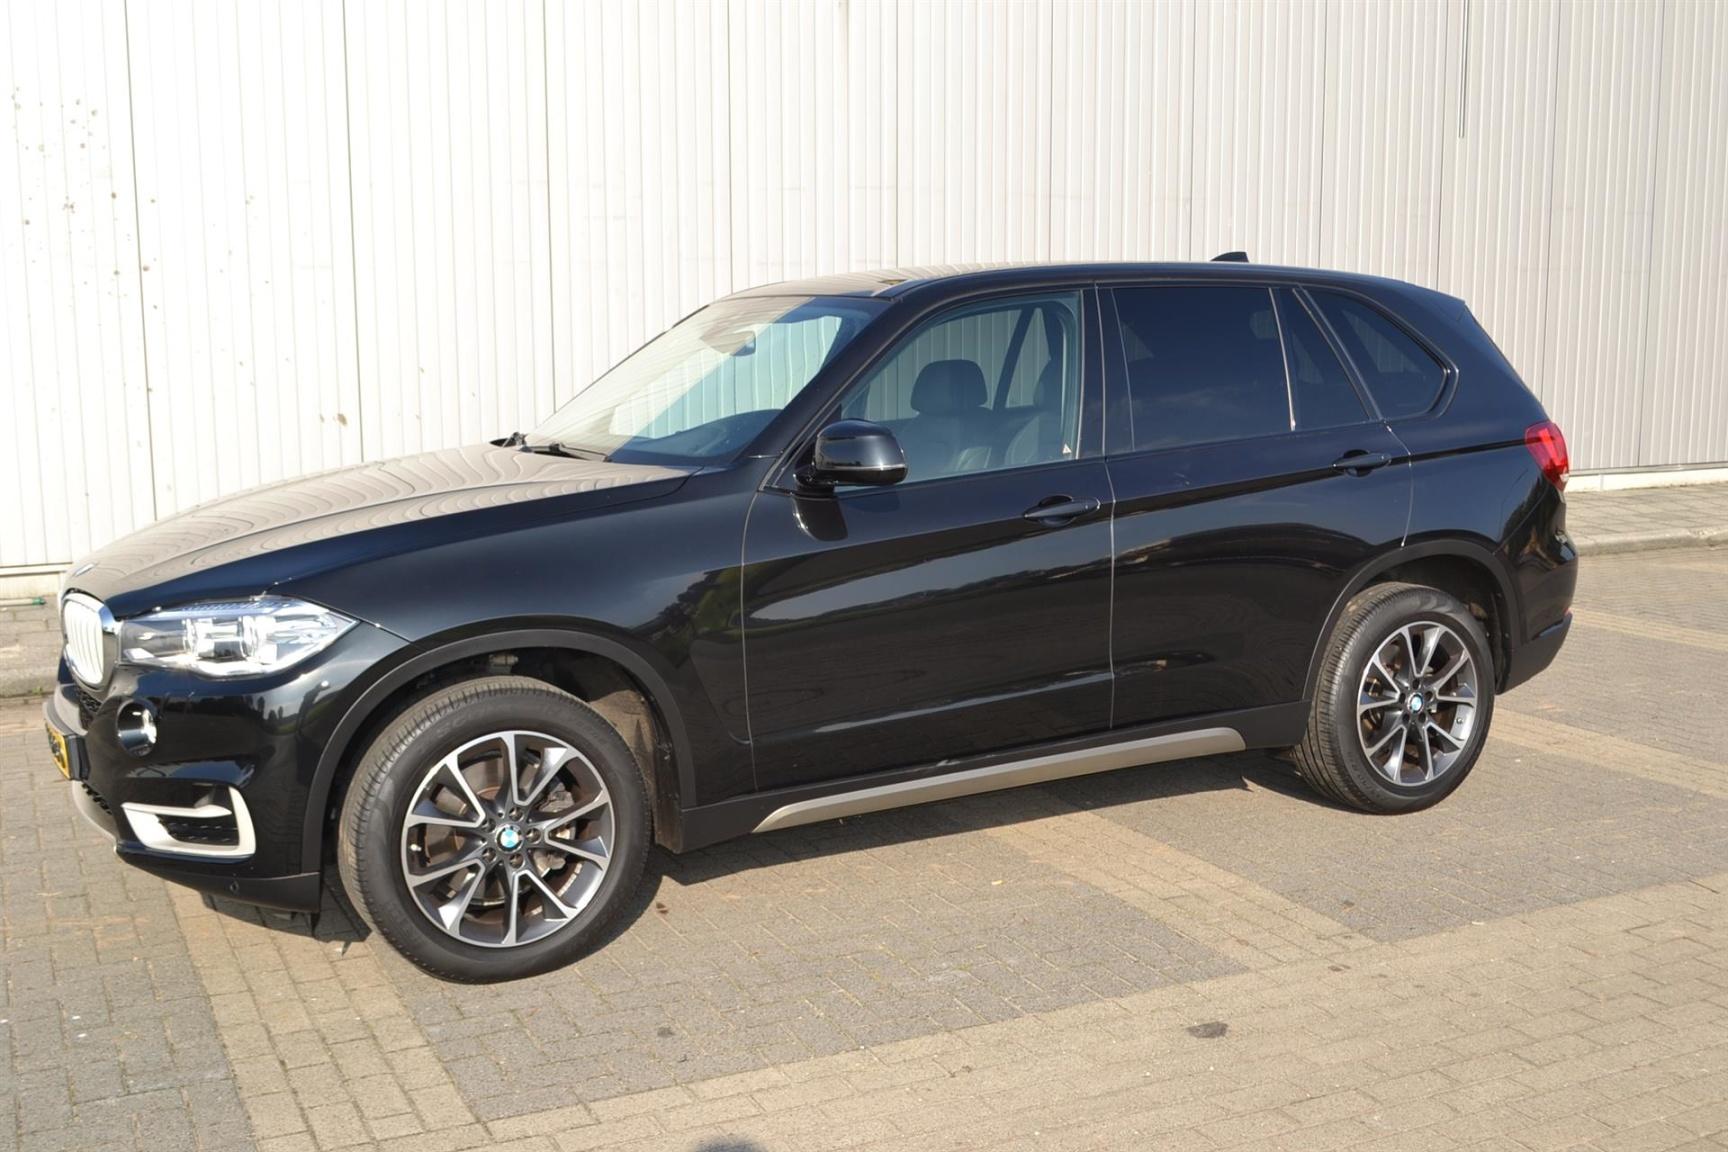 BMW-X5-22